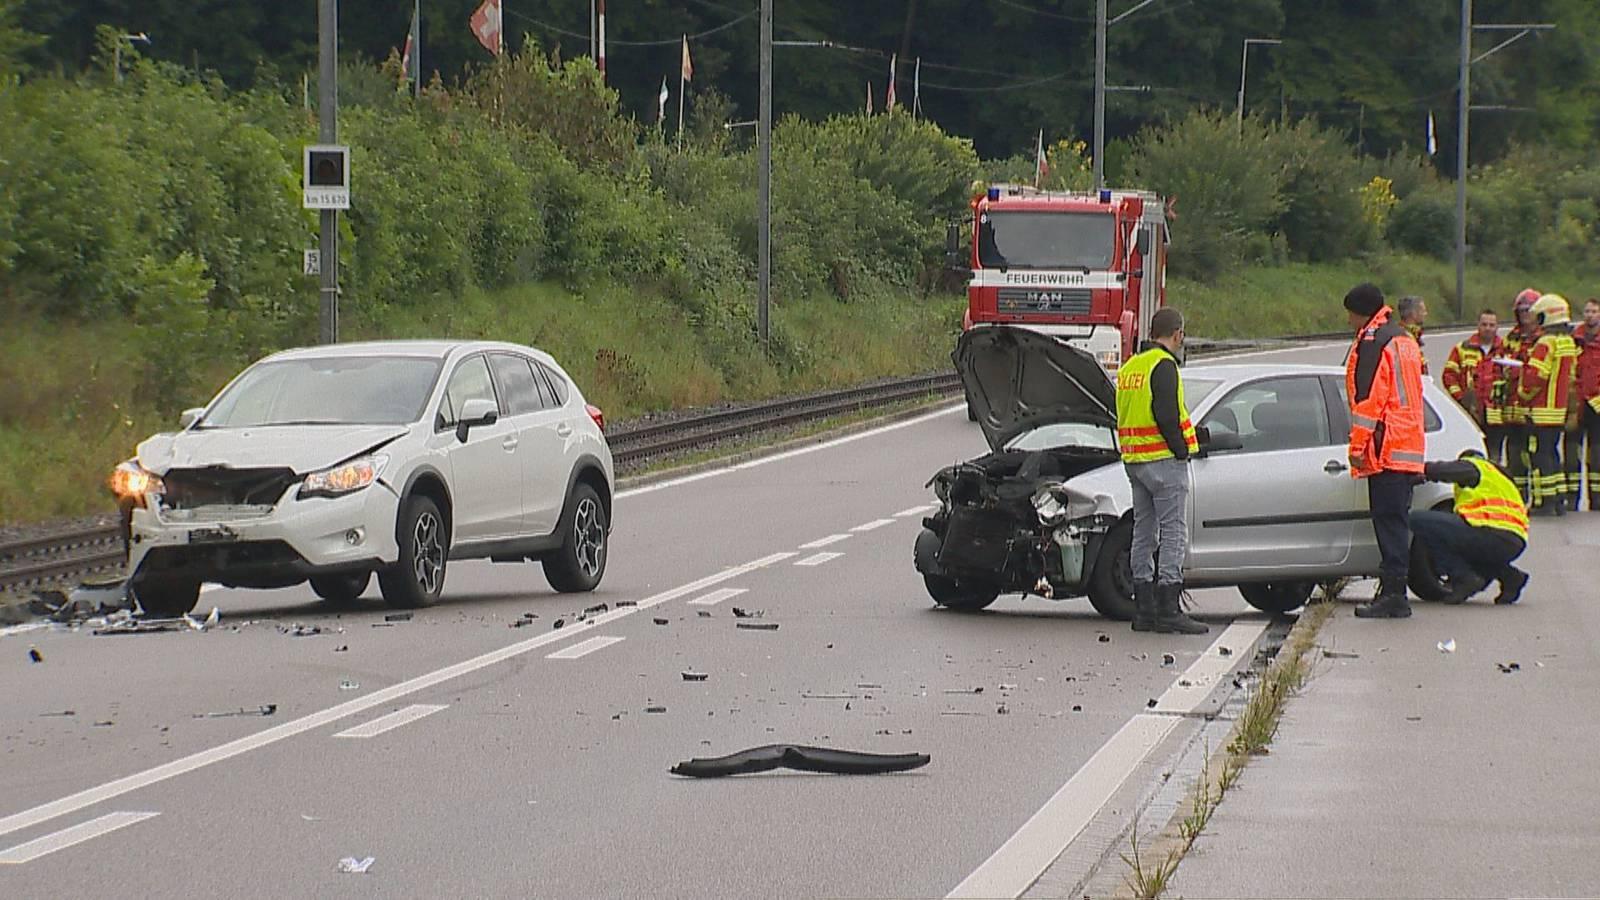 Verkehrsunfall_FrauenfeldMatzingen_7 (© Beat Kälin)